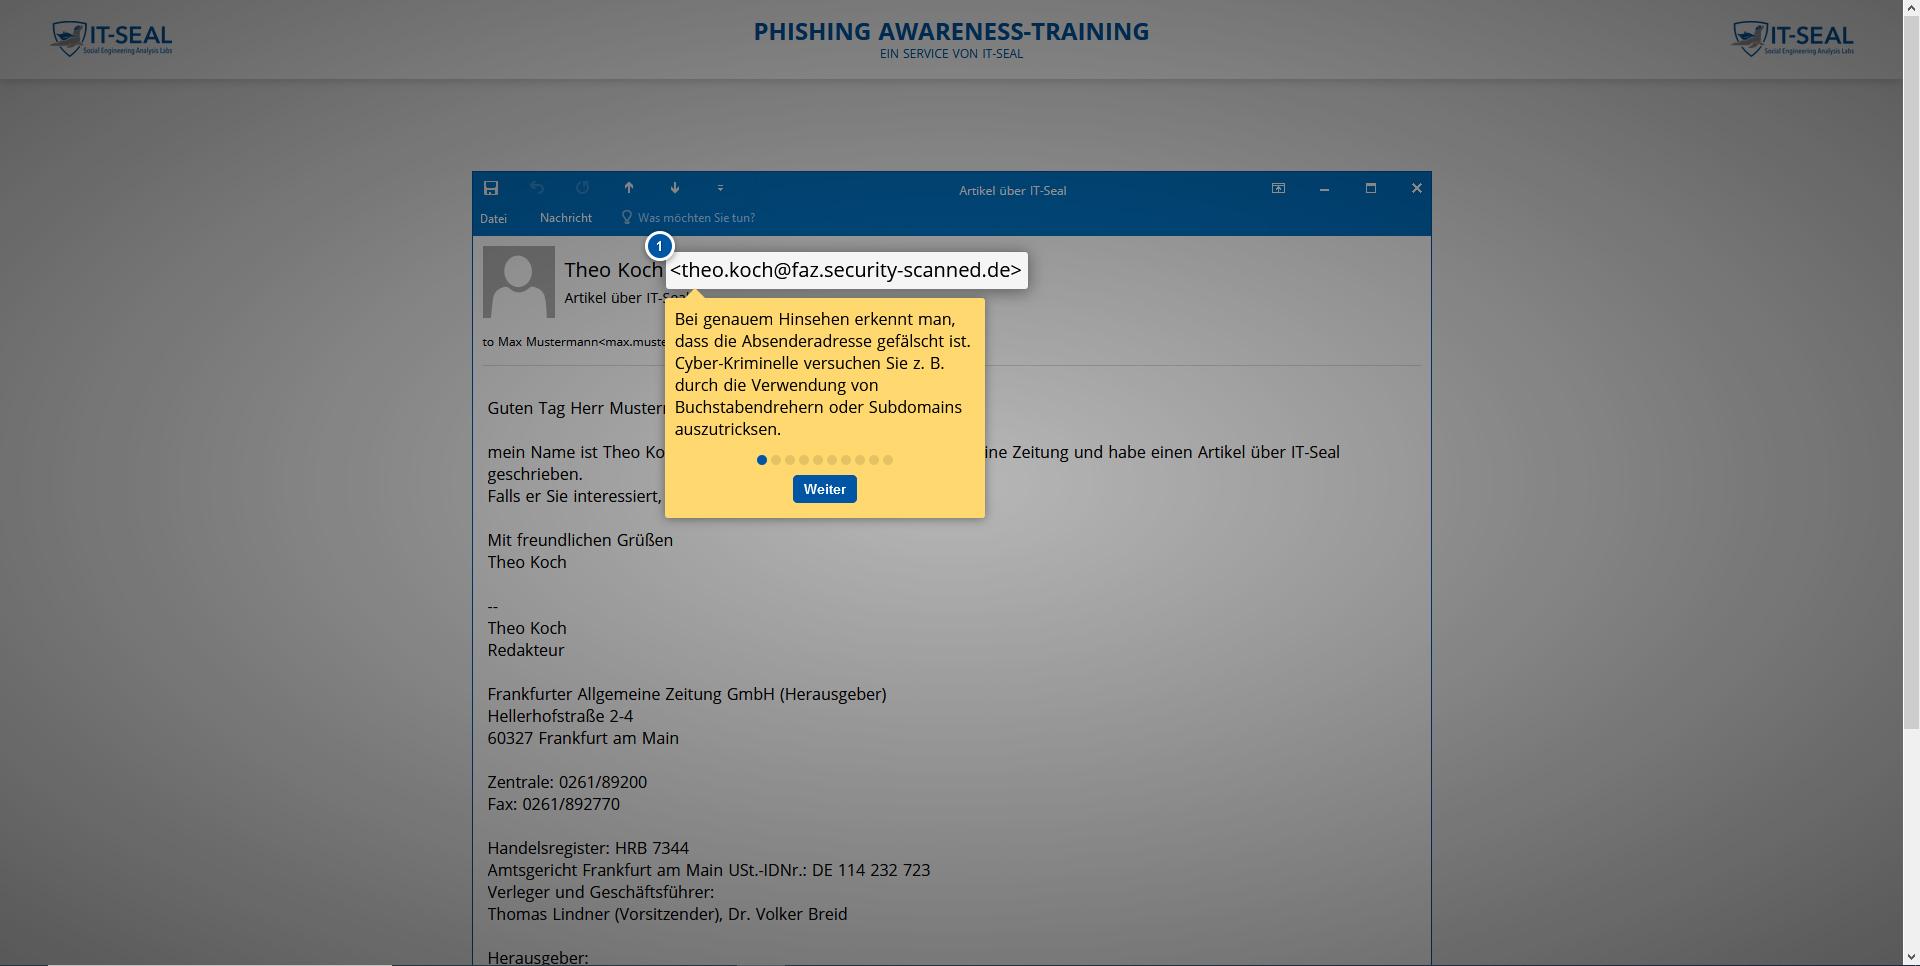 Effektives Security-Awareness-Training: Der Nutzer bekommt den Fehler anhand seiner geklickten Mail erklärt.